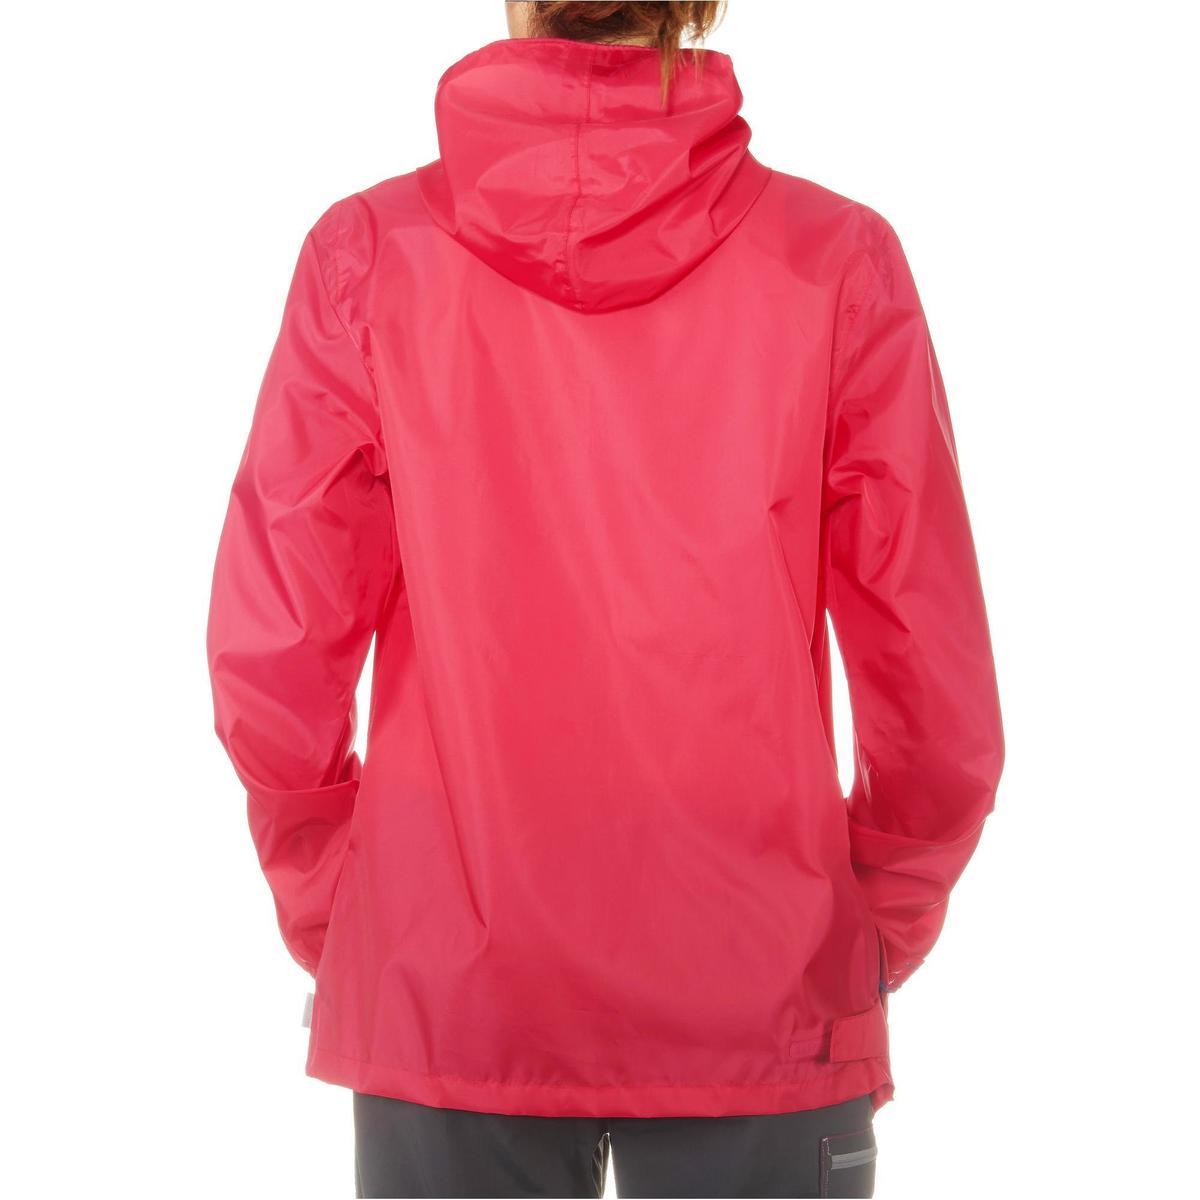 Bild 4 von Regenjacke Raincut Damen rot